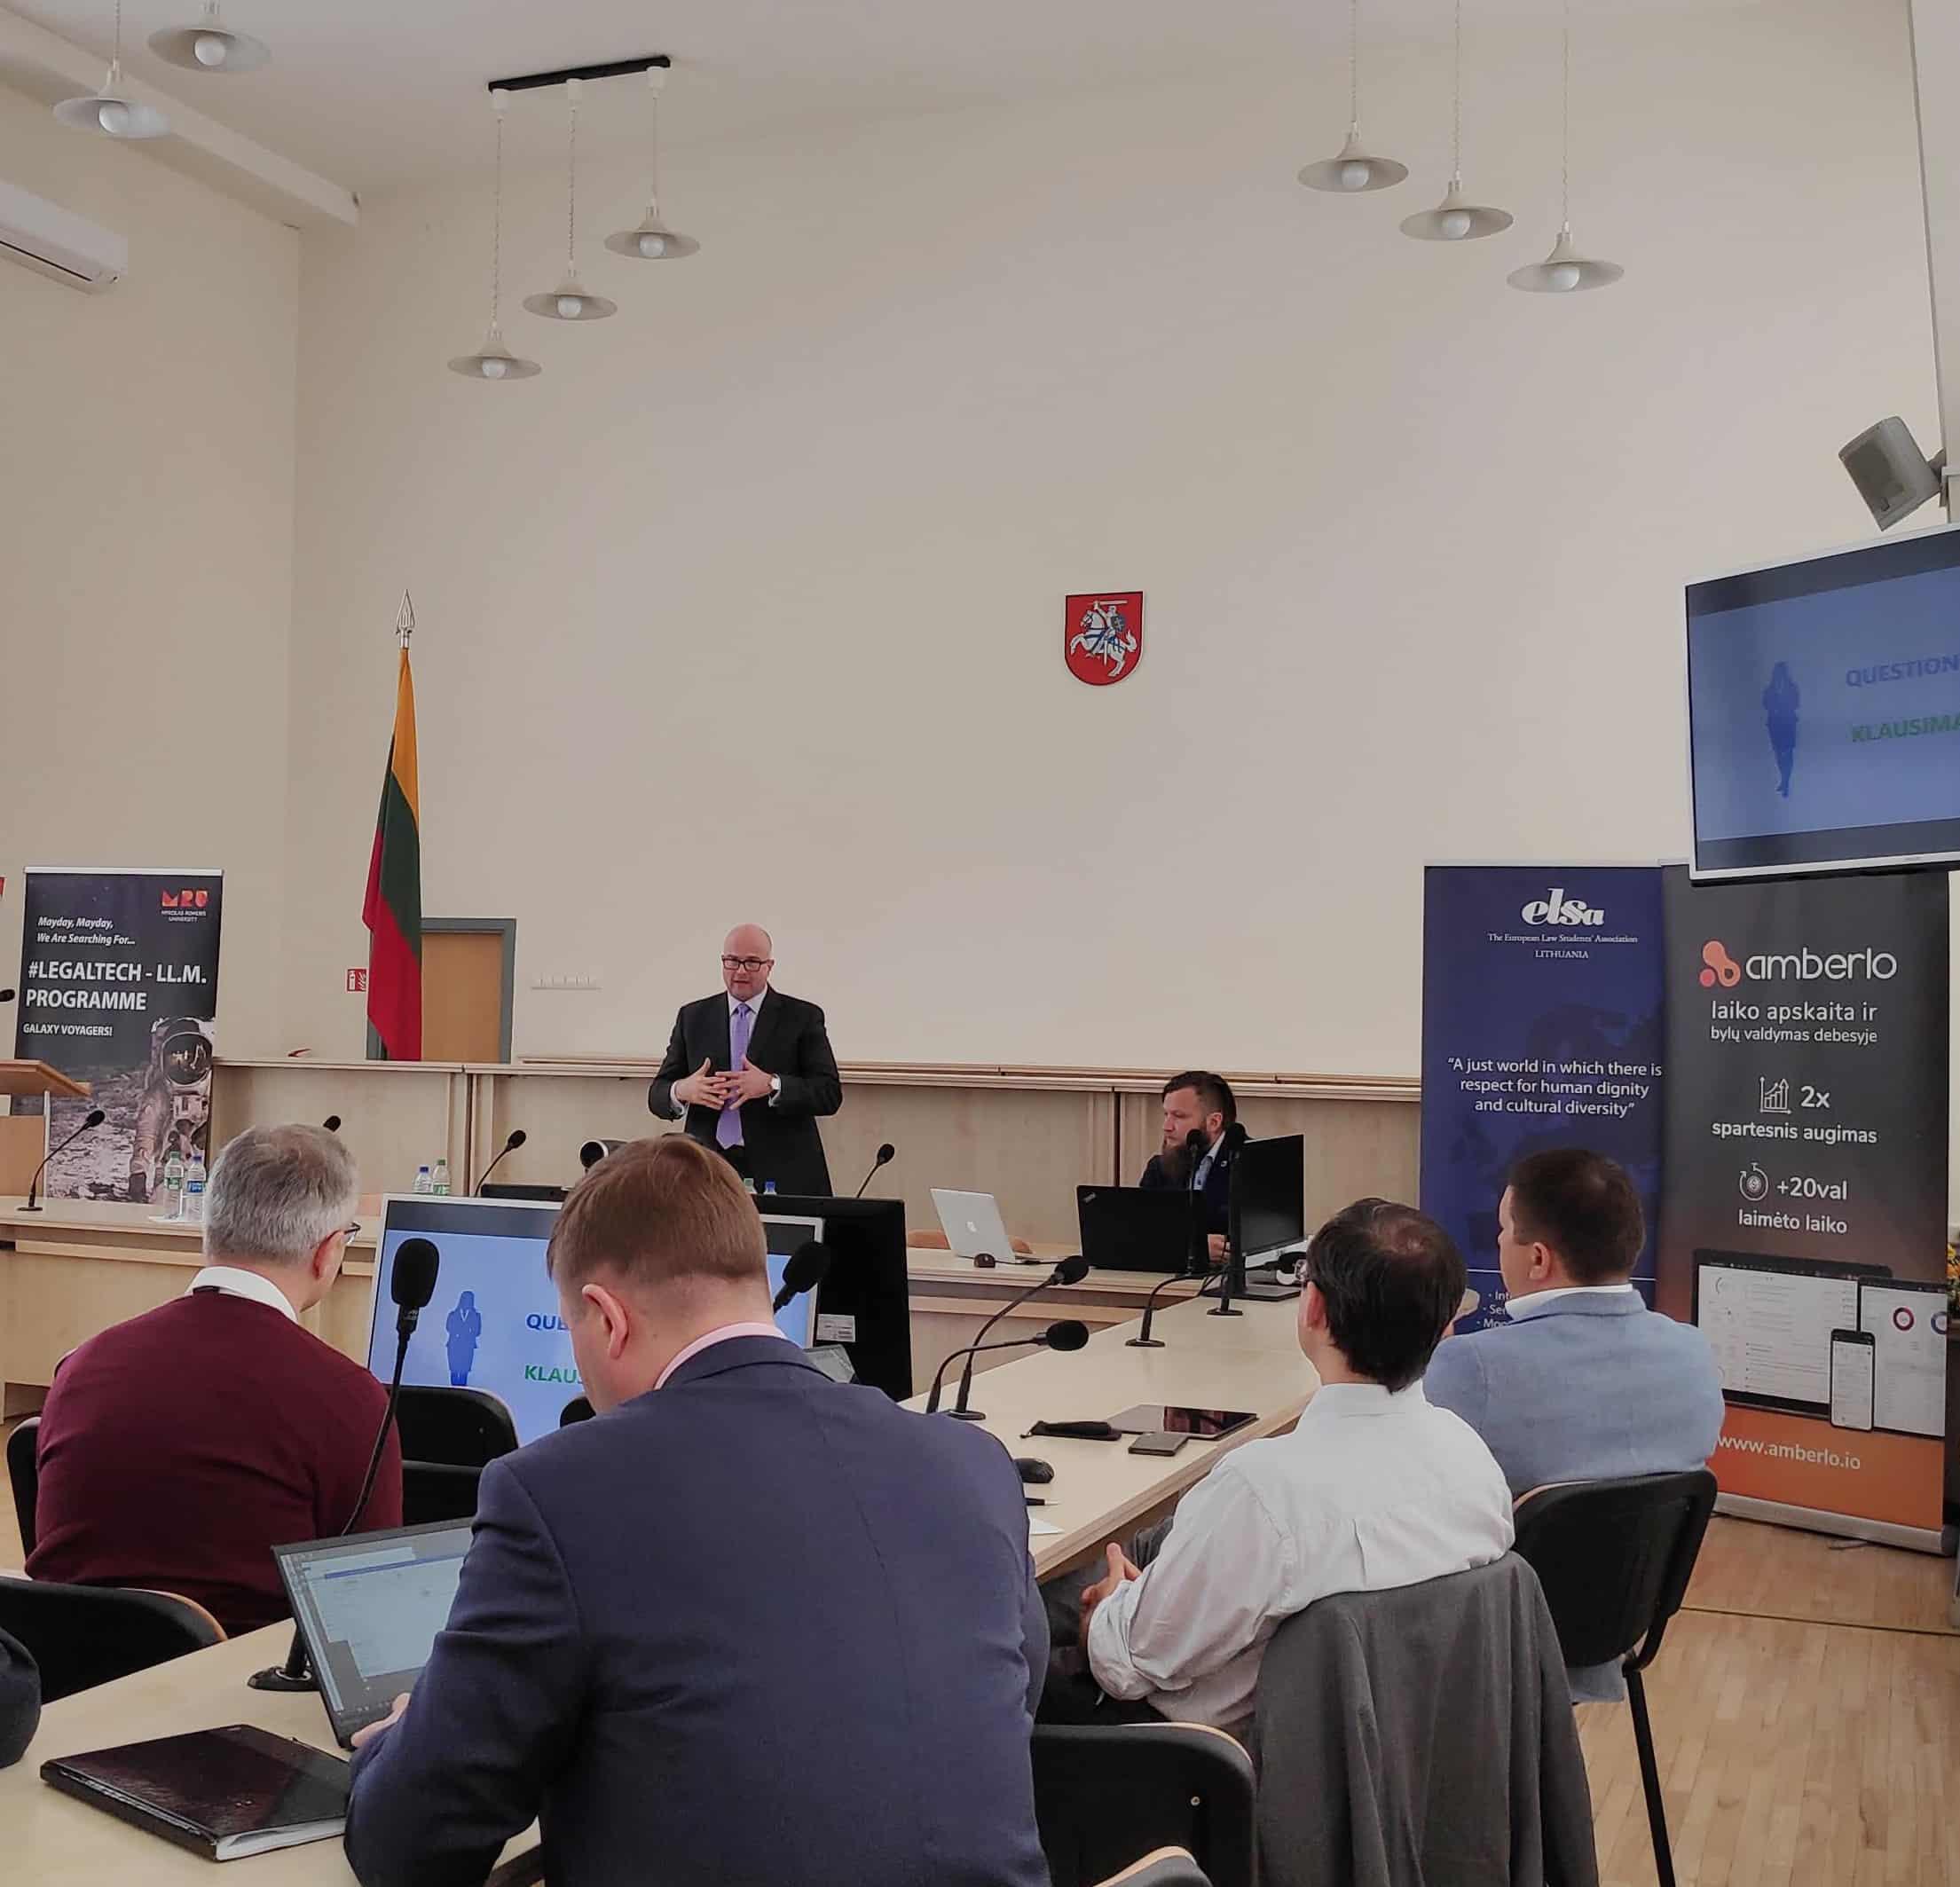 Legaltech conference Vilnius - blog image